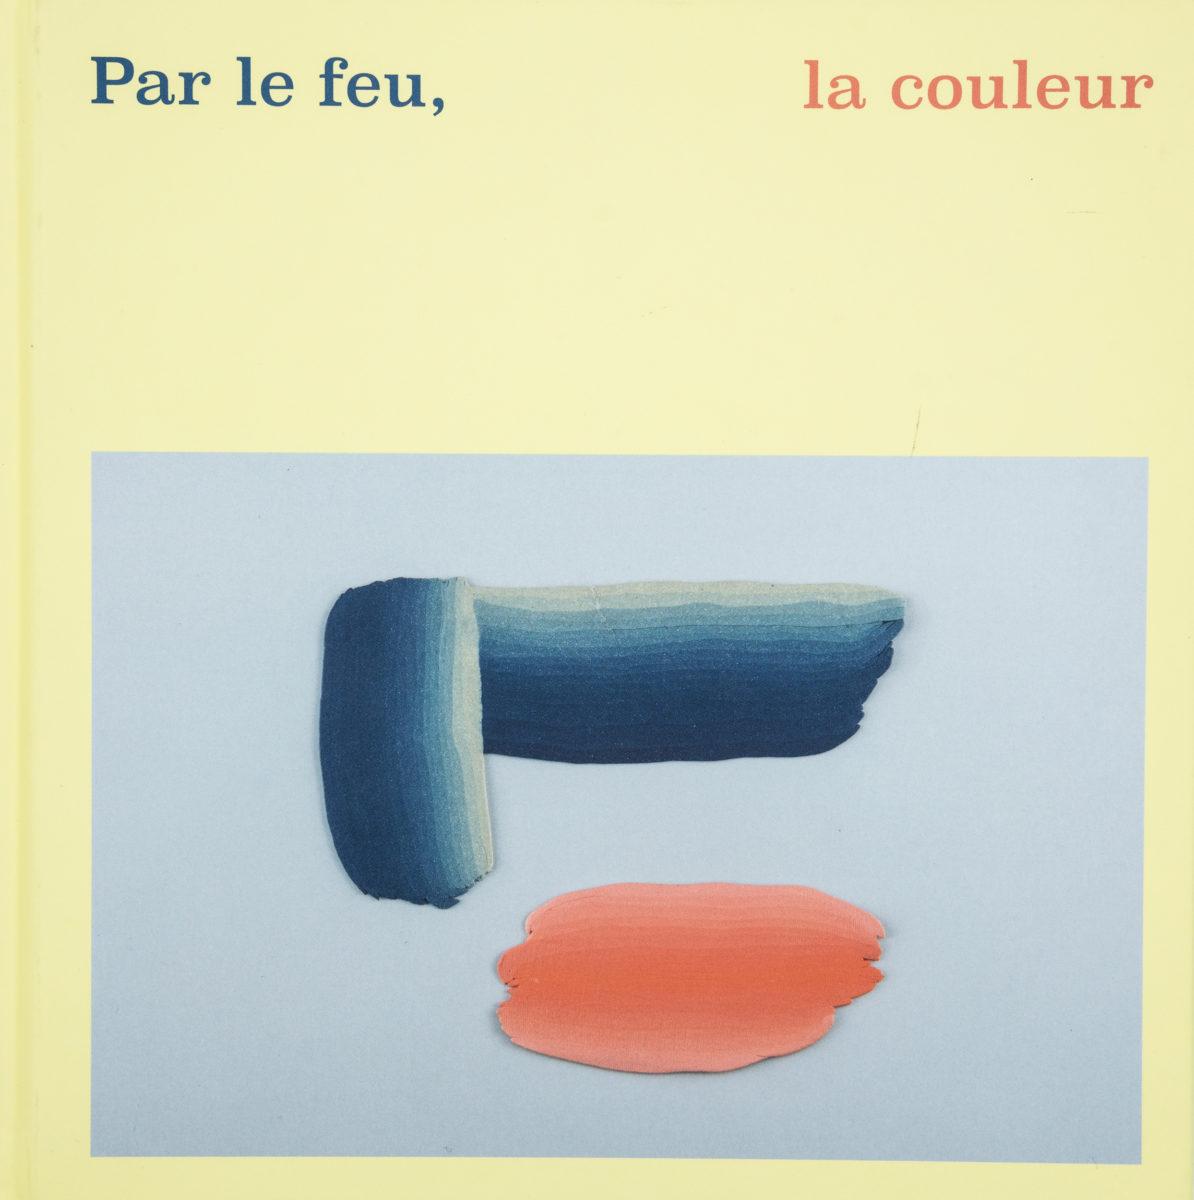 Musée des Beaux-Arts de Lyon, Par le feu, la couleur : Céramiques contemporaines